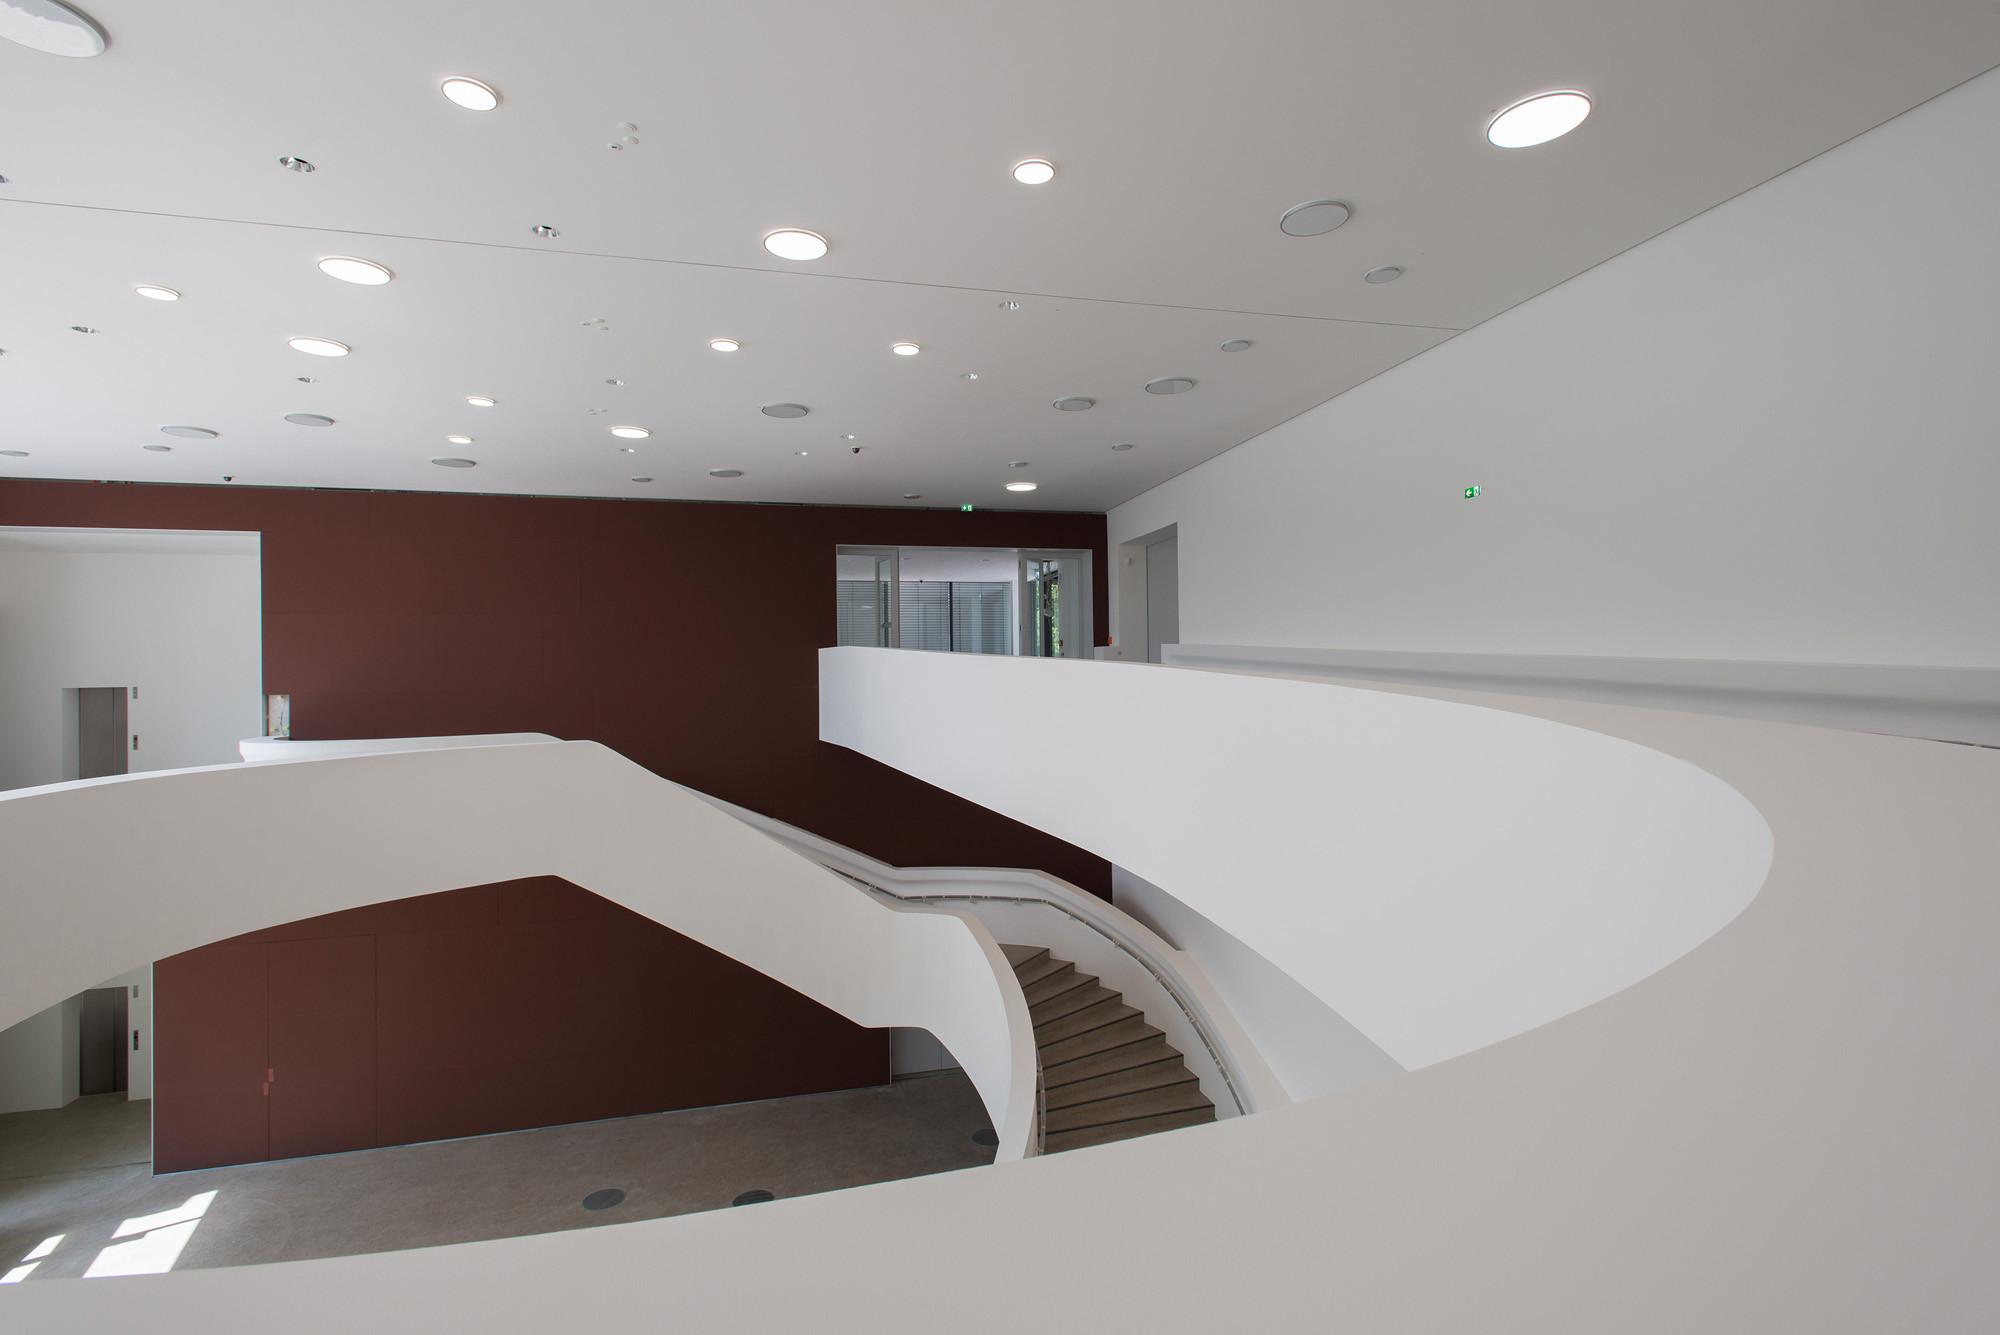 Treppen Hannover sprengel museum in hannover beton kultur baunetz wissen